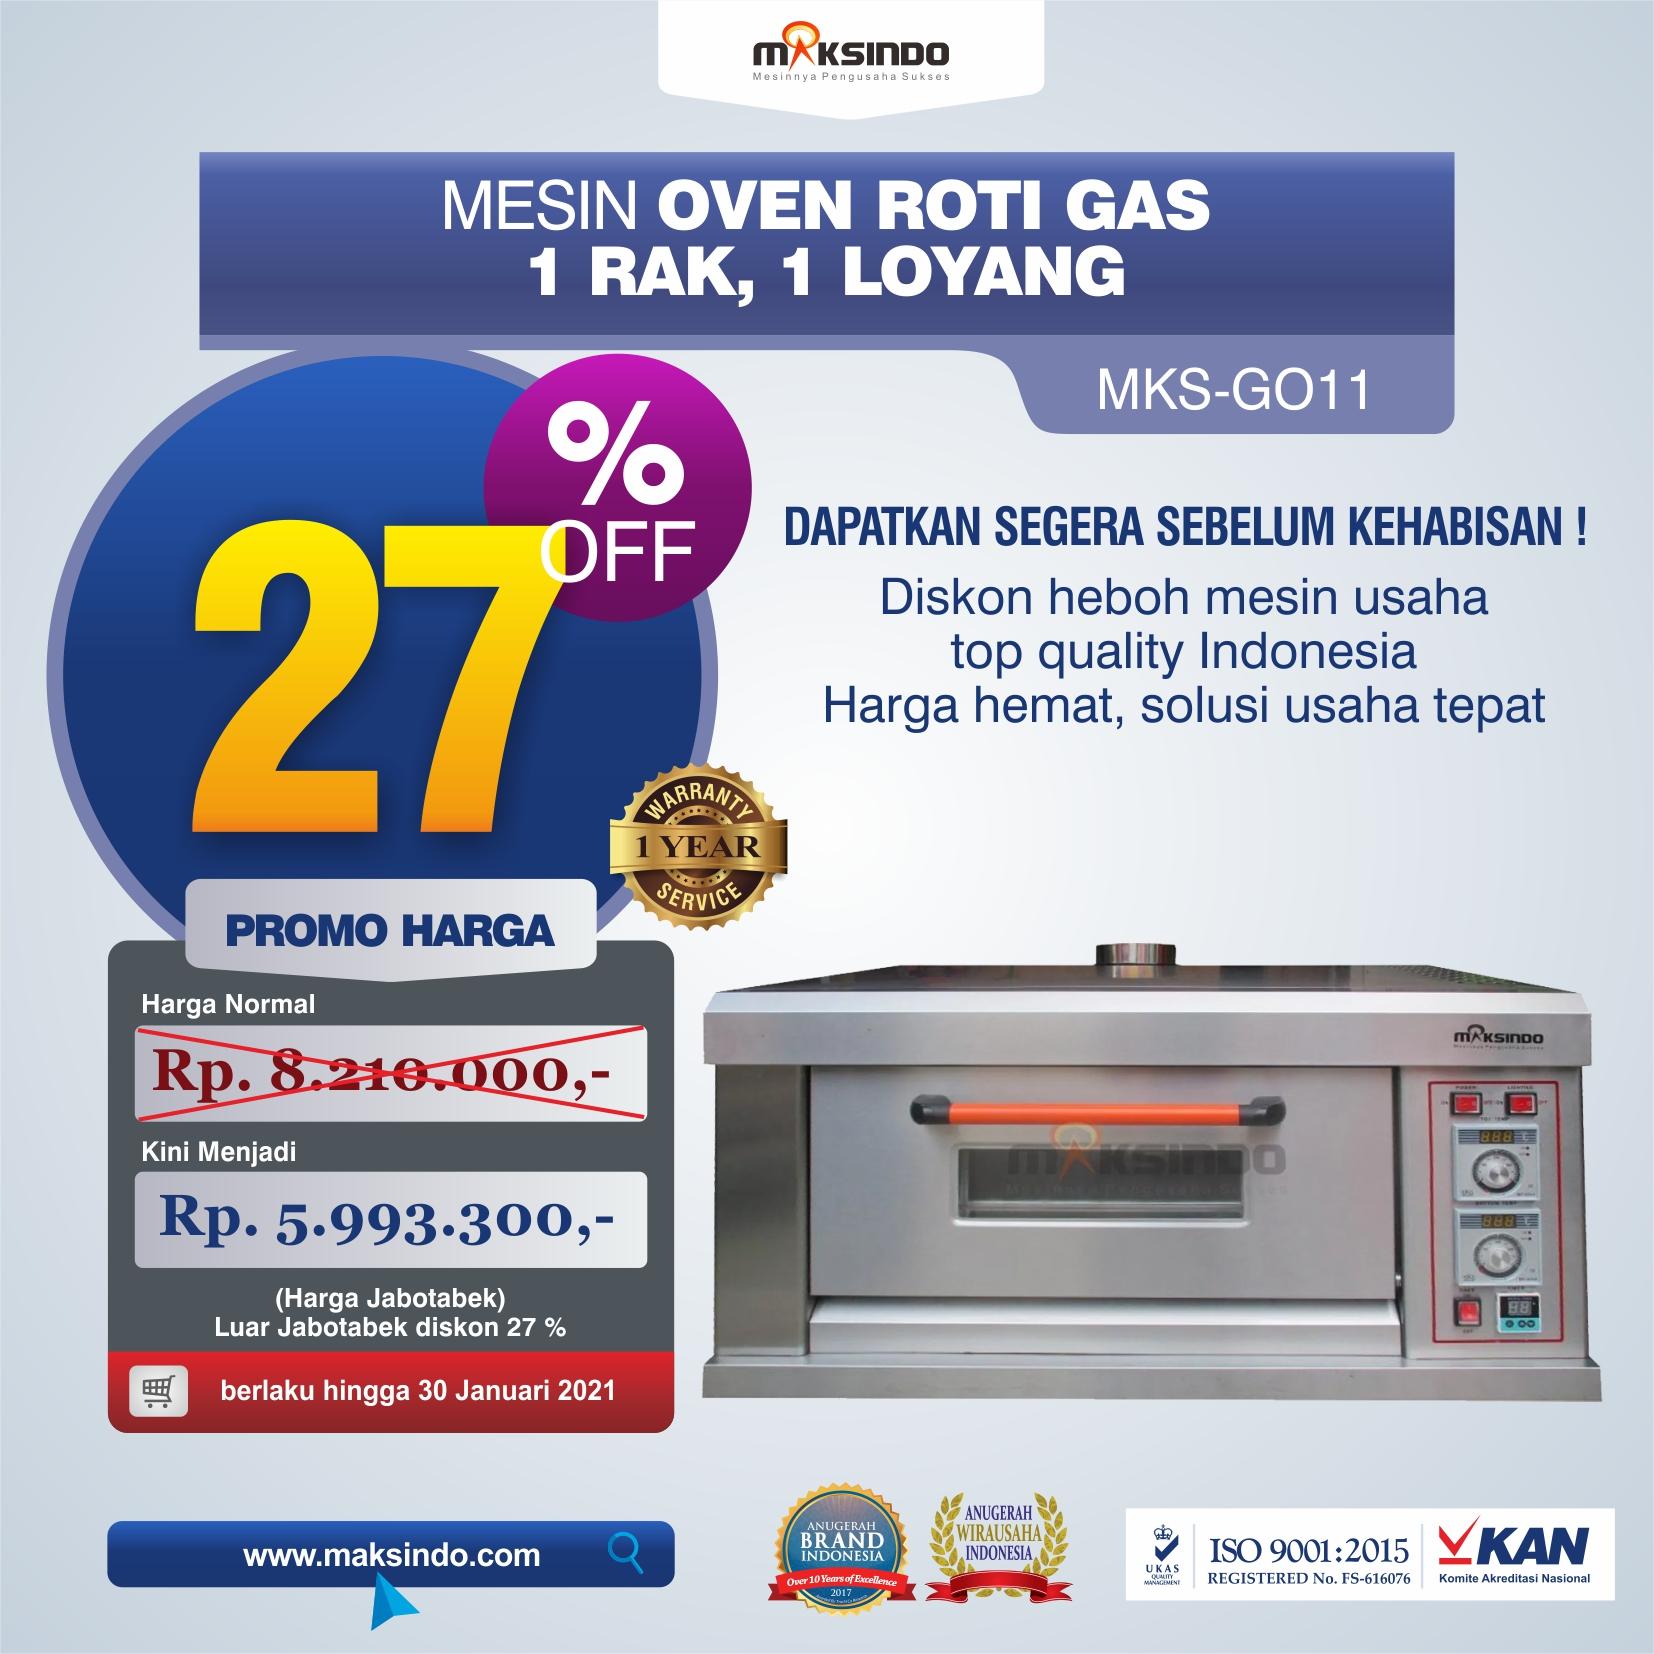 Jual Mesin Oven Roti Gas (MKS-GO11) di Semarang